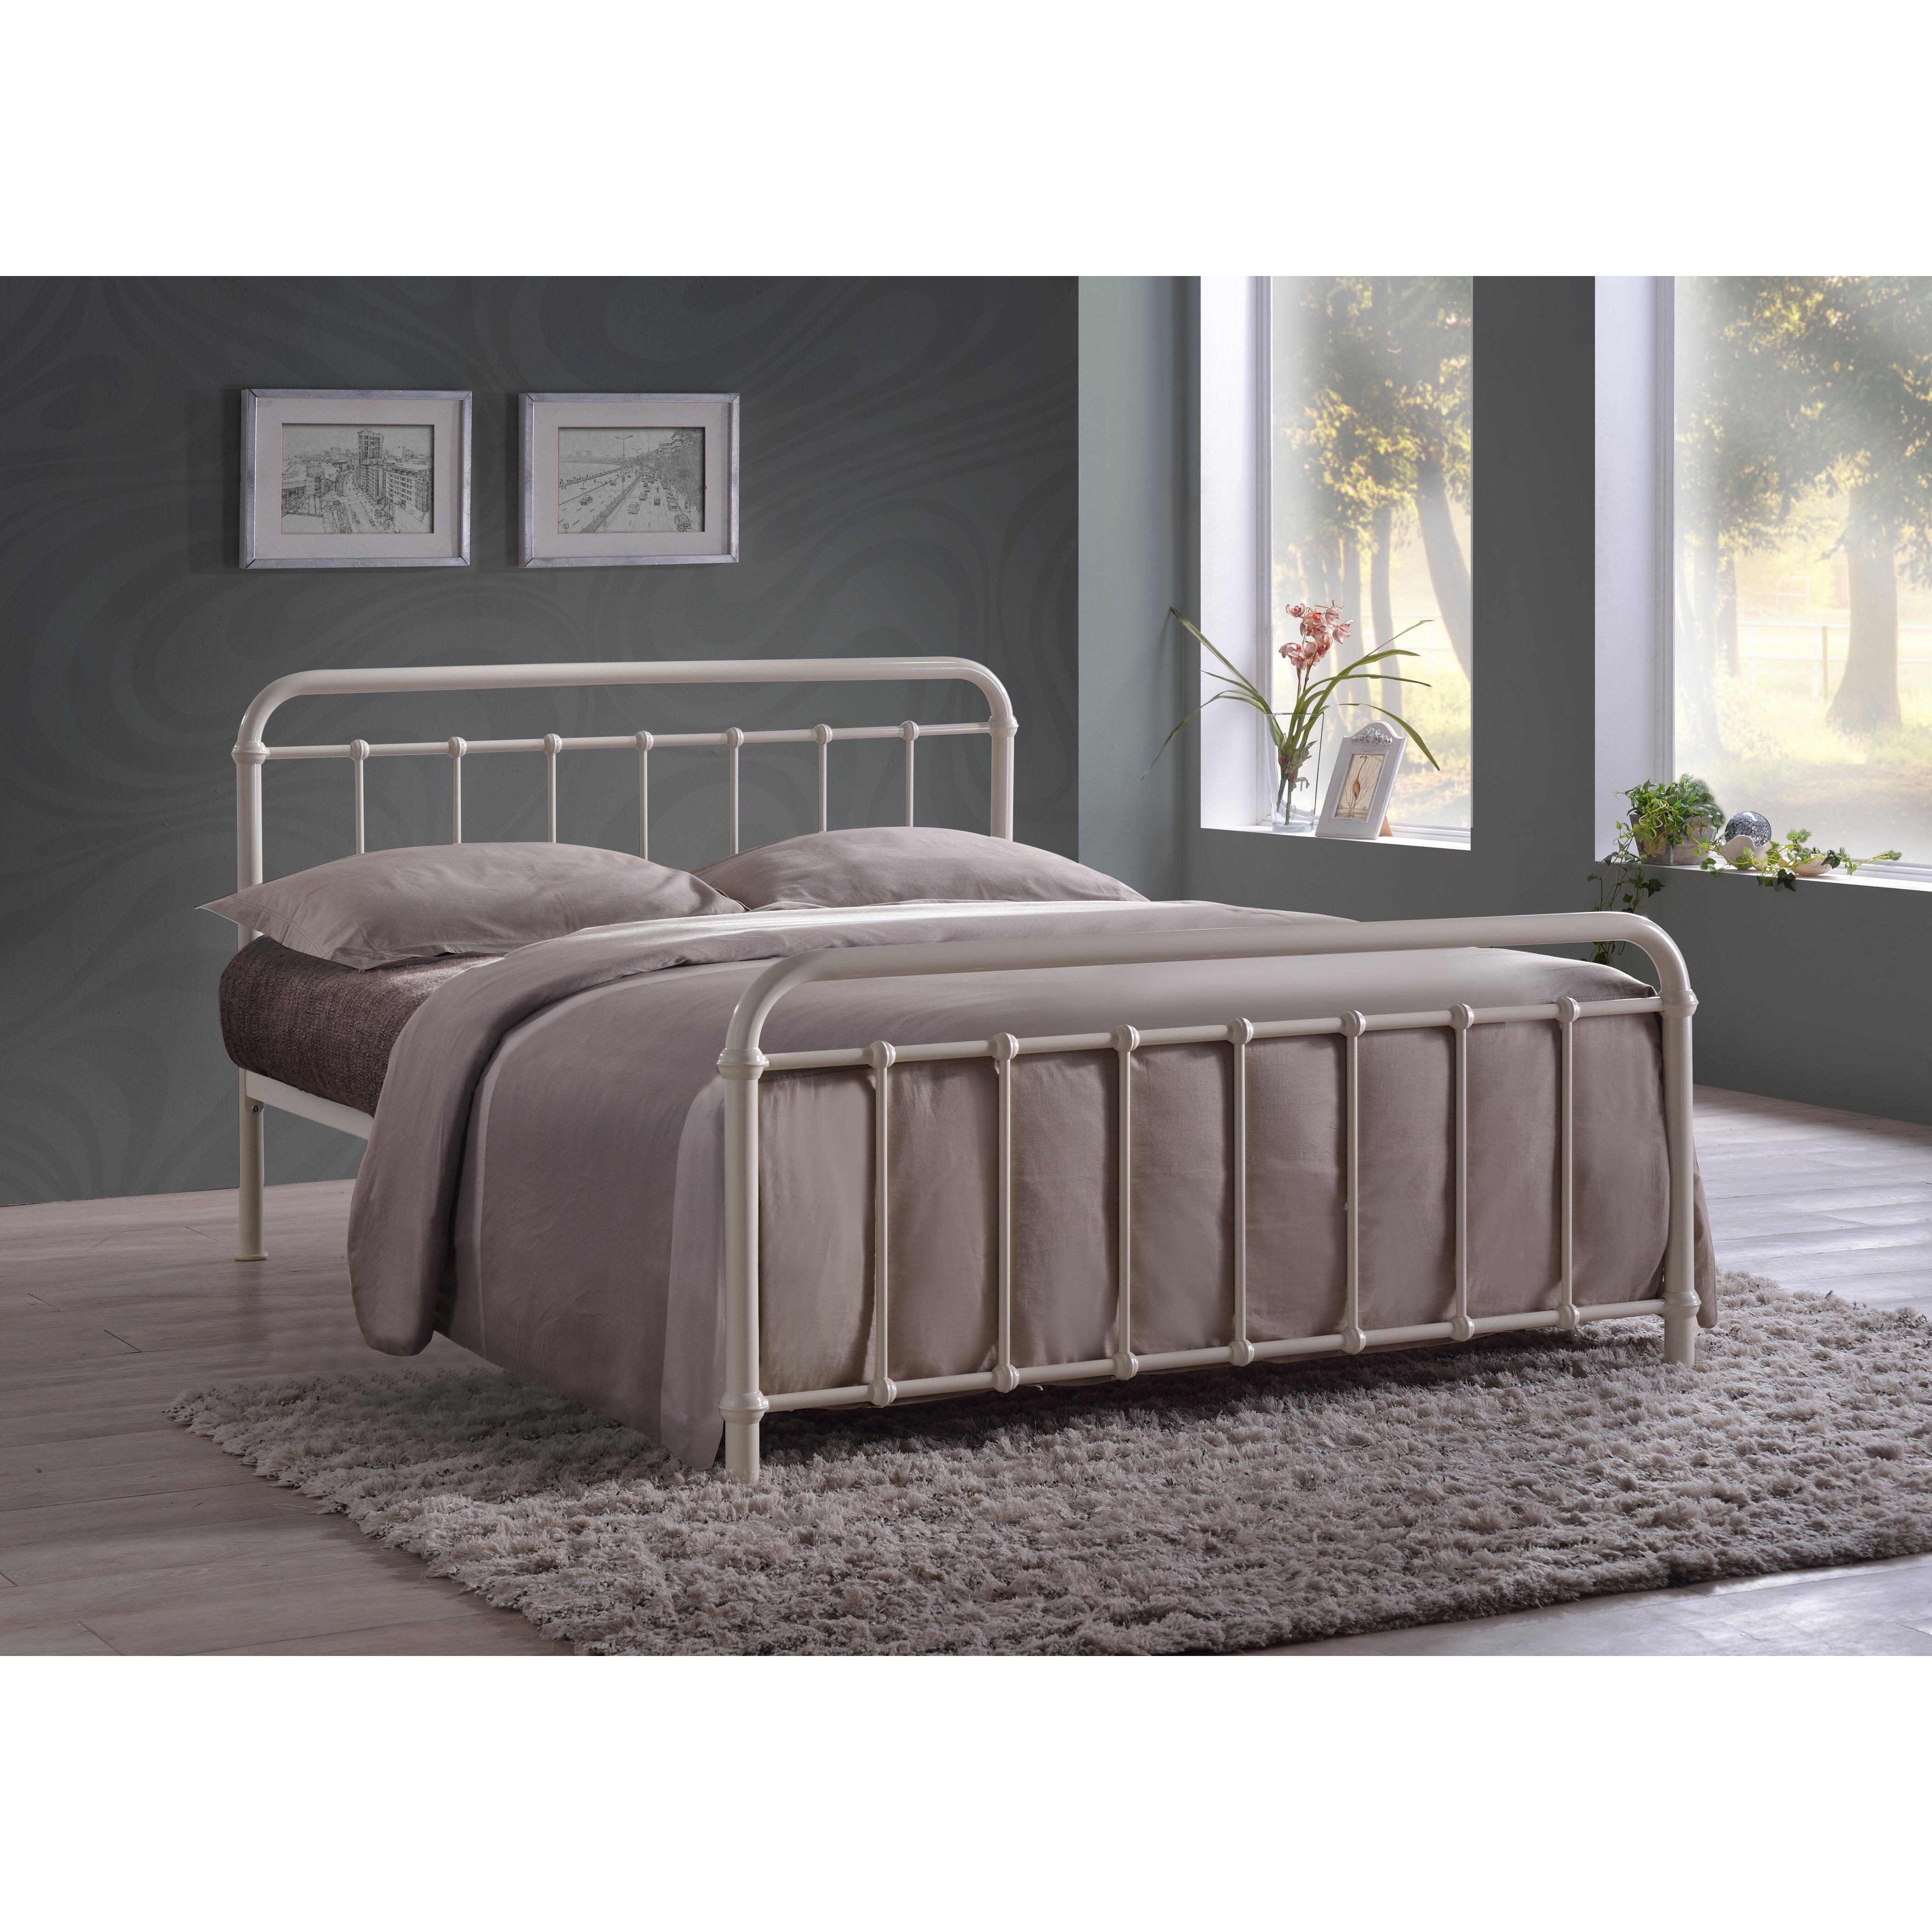 home loft concept coculina bed frame reviews. Black Bedroom Furniture Sets. Home Design Ideas